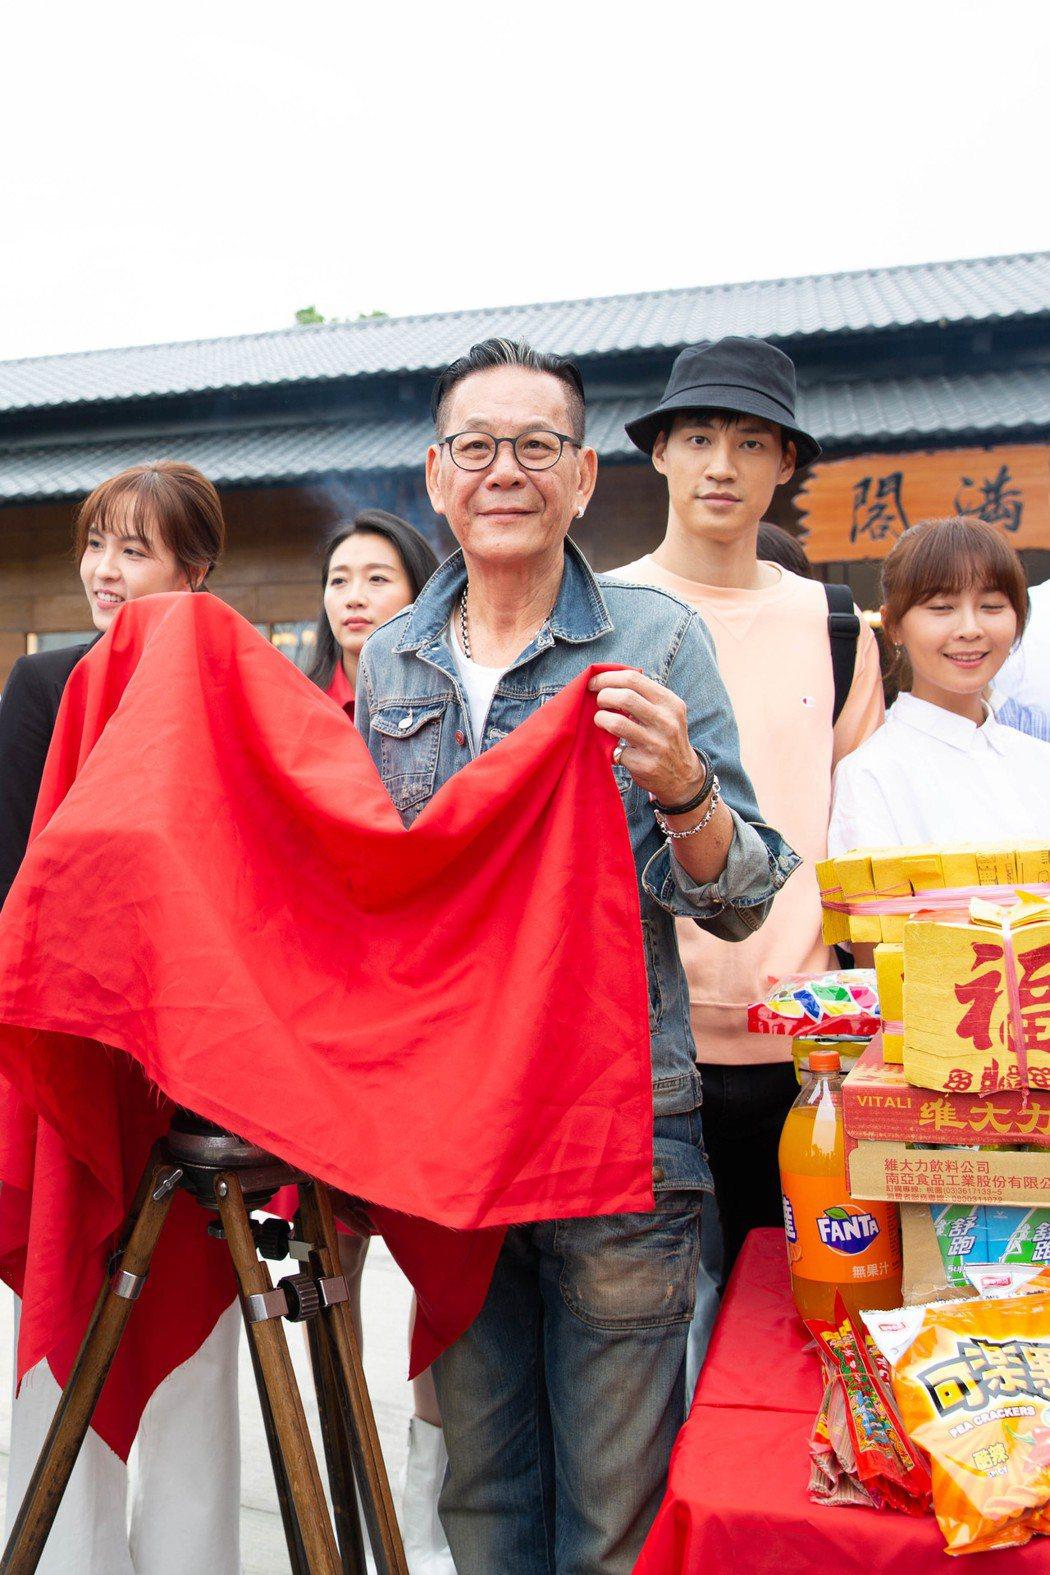 龍劭華出席新戲「美味滿閣」開鏡儀式。圖/東森提供